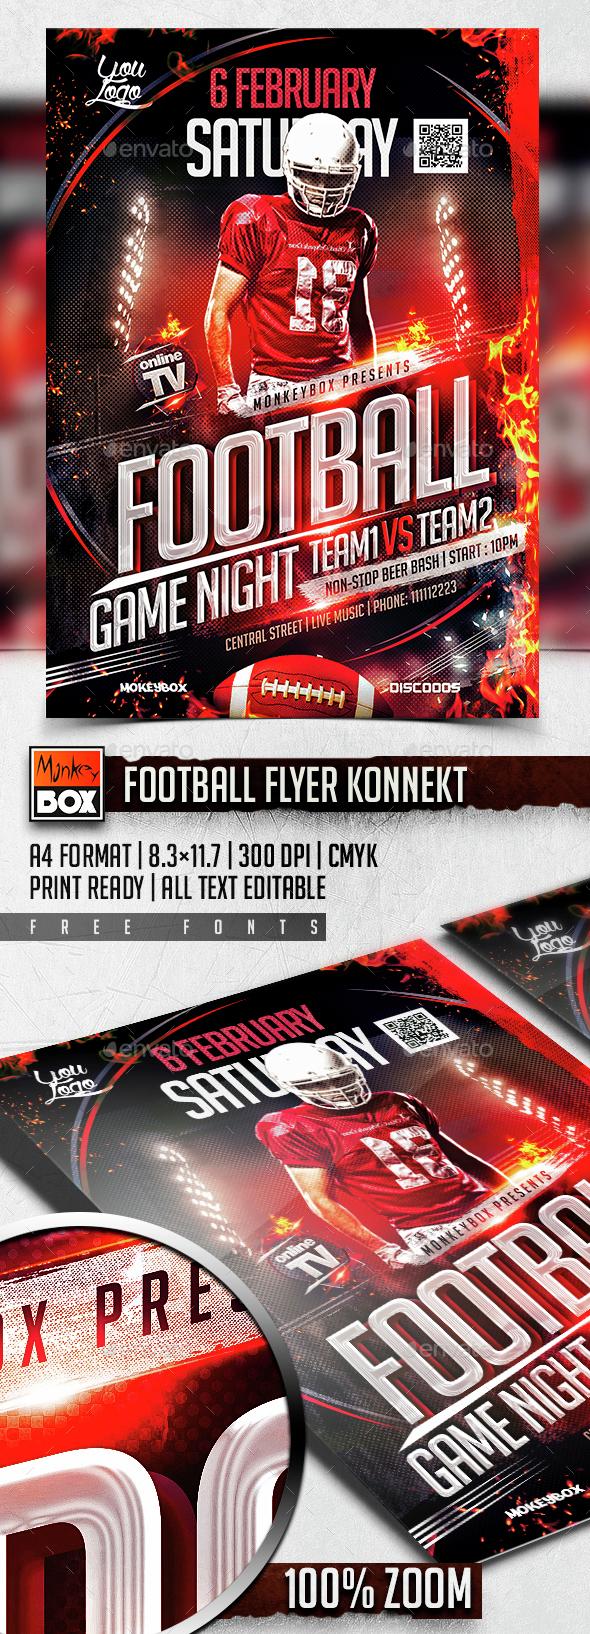 Football Flyer Konnekt - Flyers Print Templates